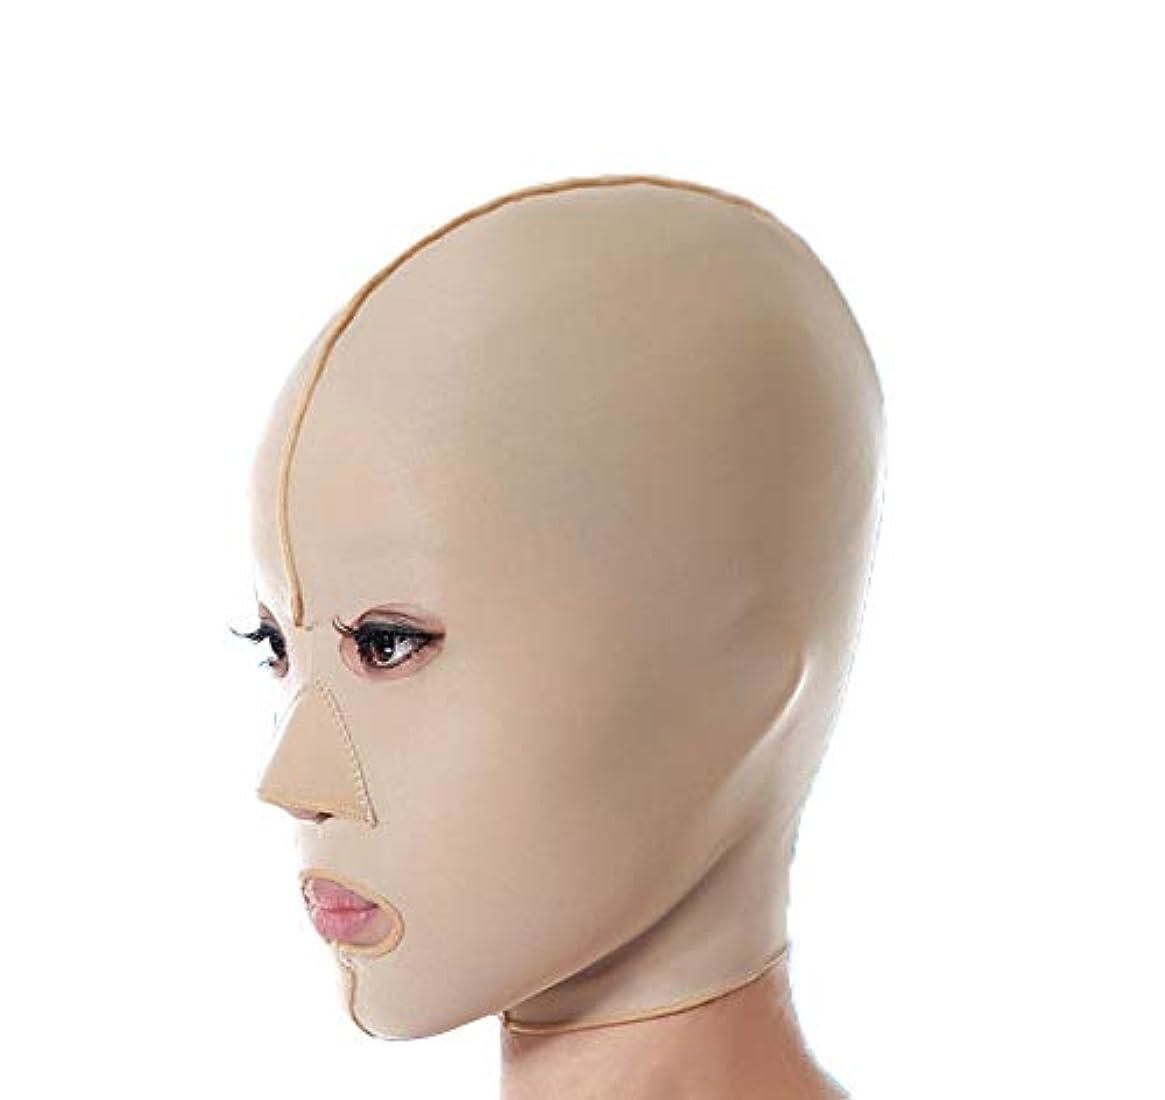 ライターリマーク耐えられるTLMY 引き締めマスクマスク漢方薬強力なマスクアーティファクト美容垂れ防止方法フェイシャルリフティング引き締めフルフェイスマスク 顔用整形マスク (Size : S)